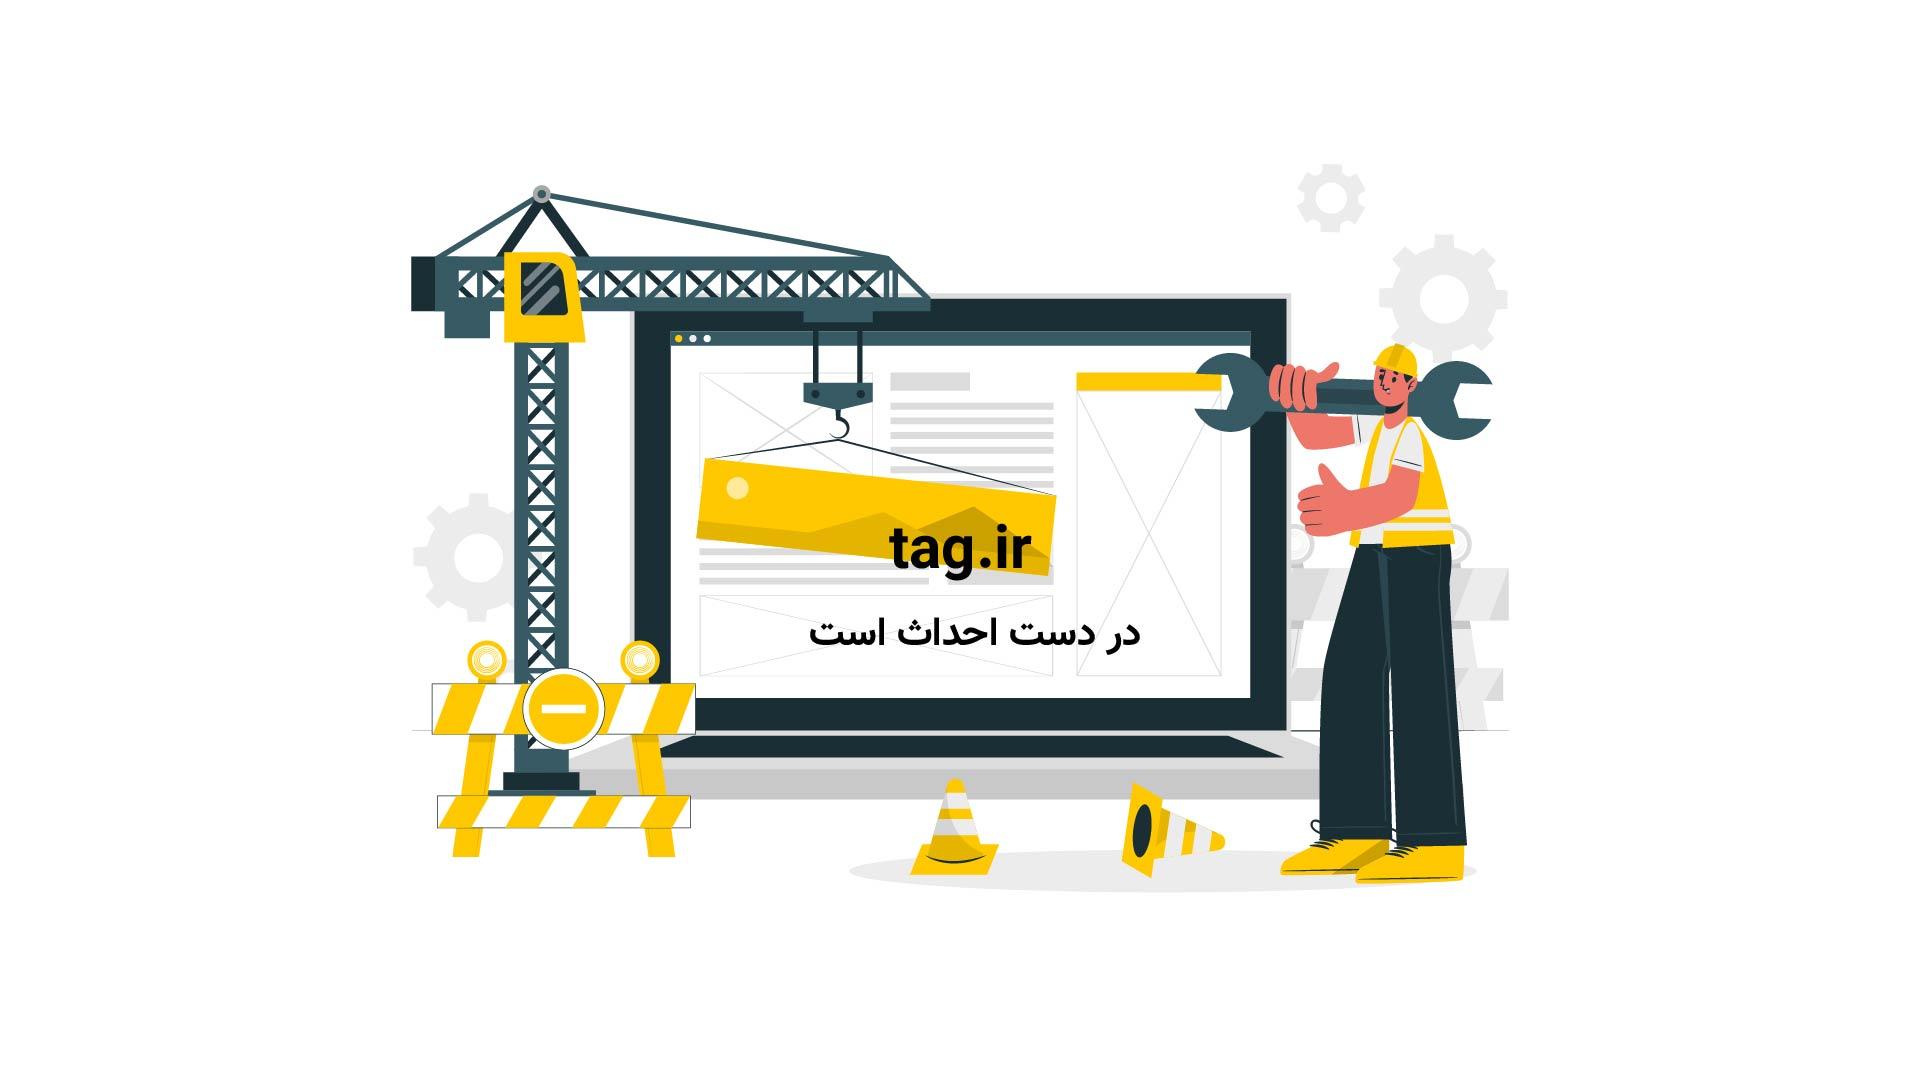 خلاصه بازی بسکتبال لس آنجلس لیکرز ۹۲ – ۸۹ فیلادلفیا سونی سیکسرز | فیلم